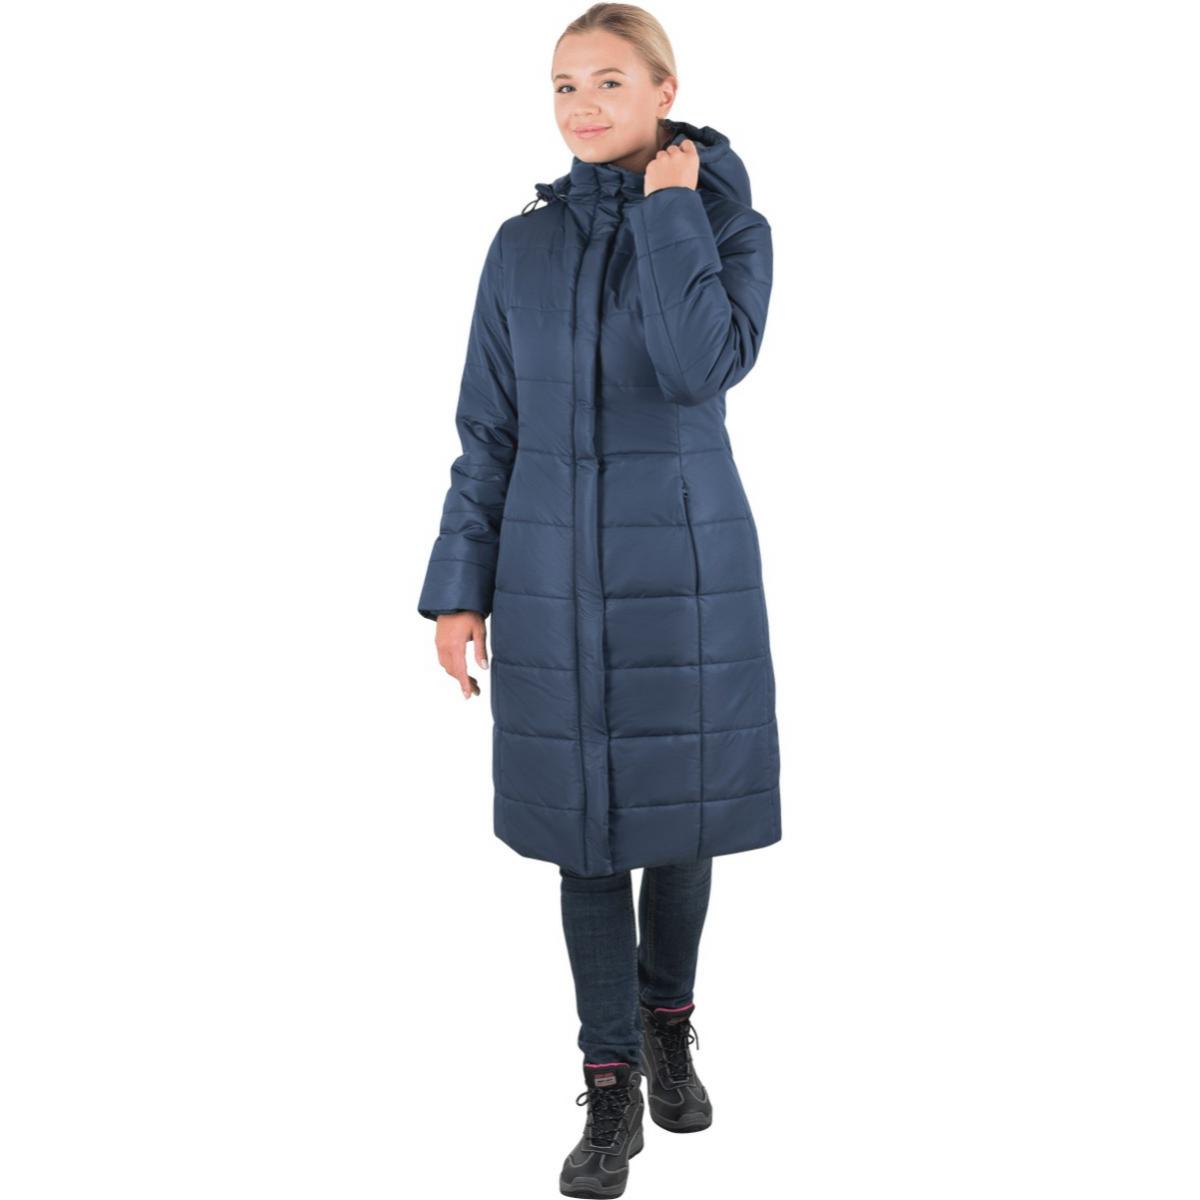 Пальто ФЬЮЖЕН утепленное т/синий женское (разм. 120-124 рост 158-164)